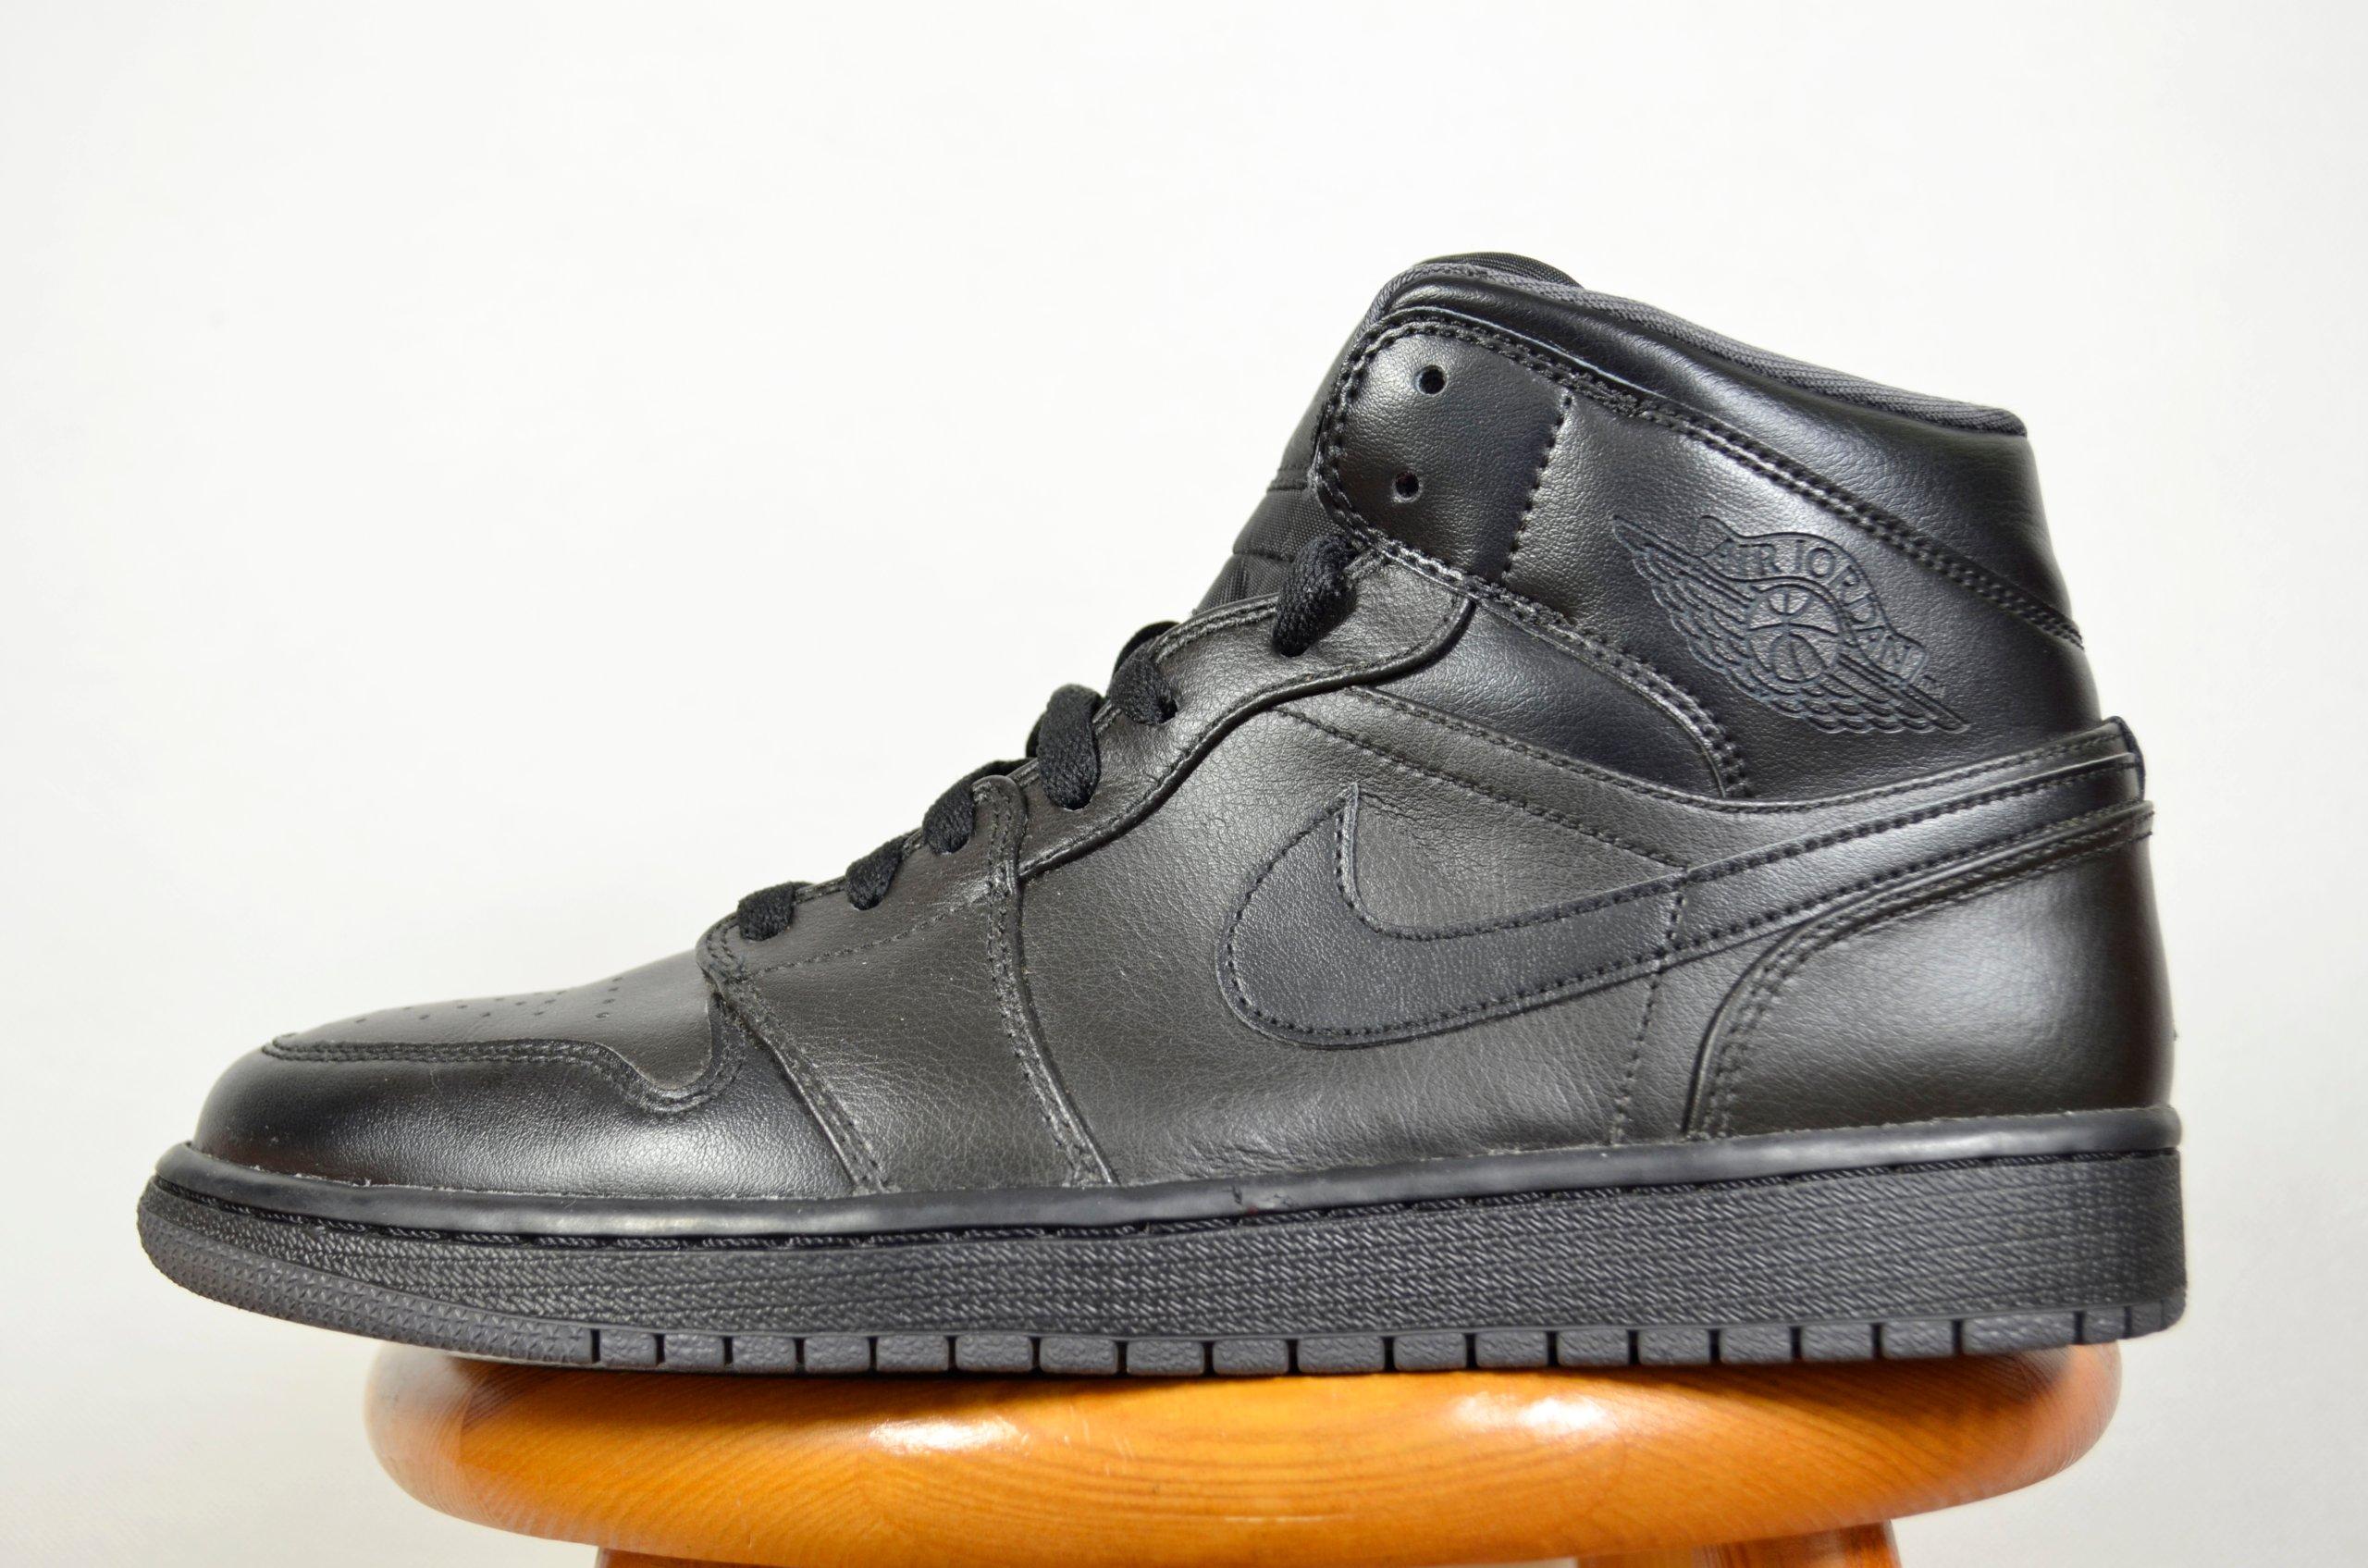 separation shoes a64bc 16af2 BUTY NIKE AIR JORDAN 1 MID MĘSKIE 44